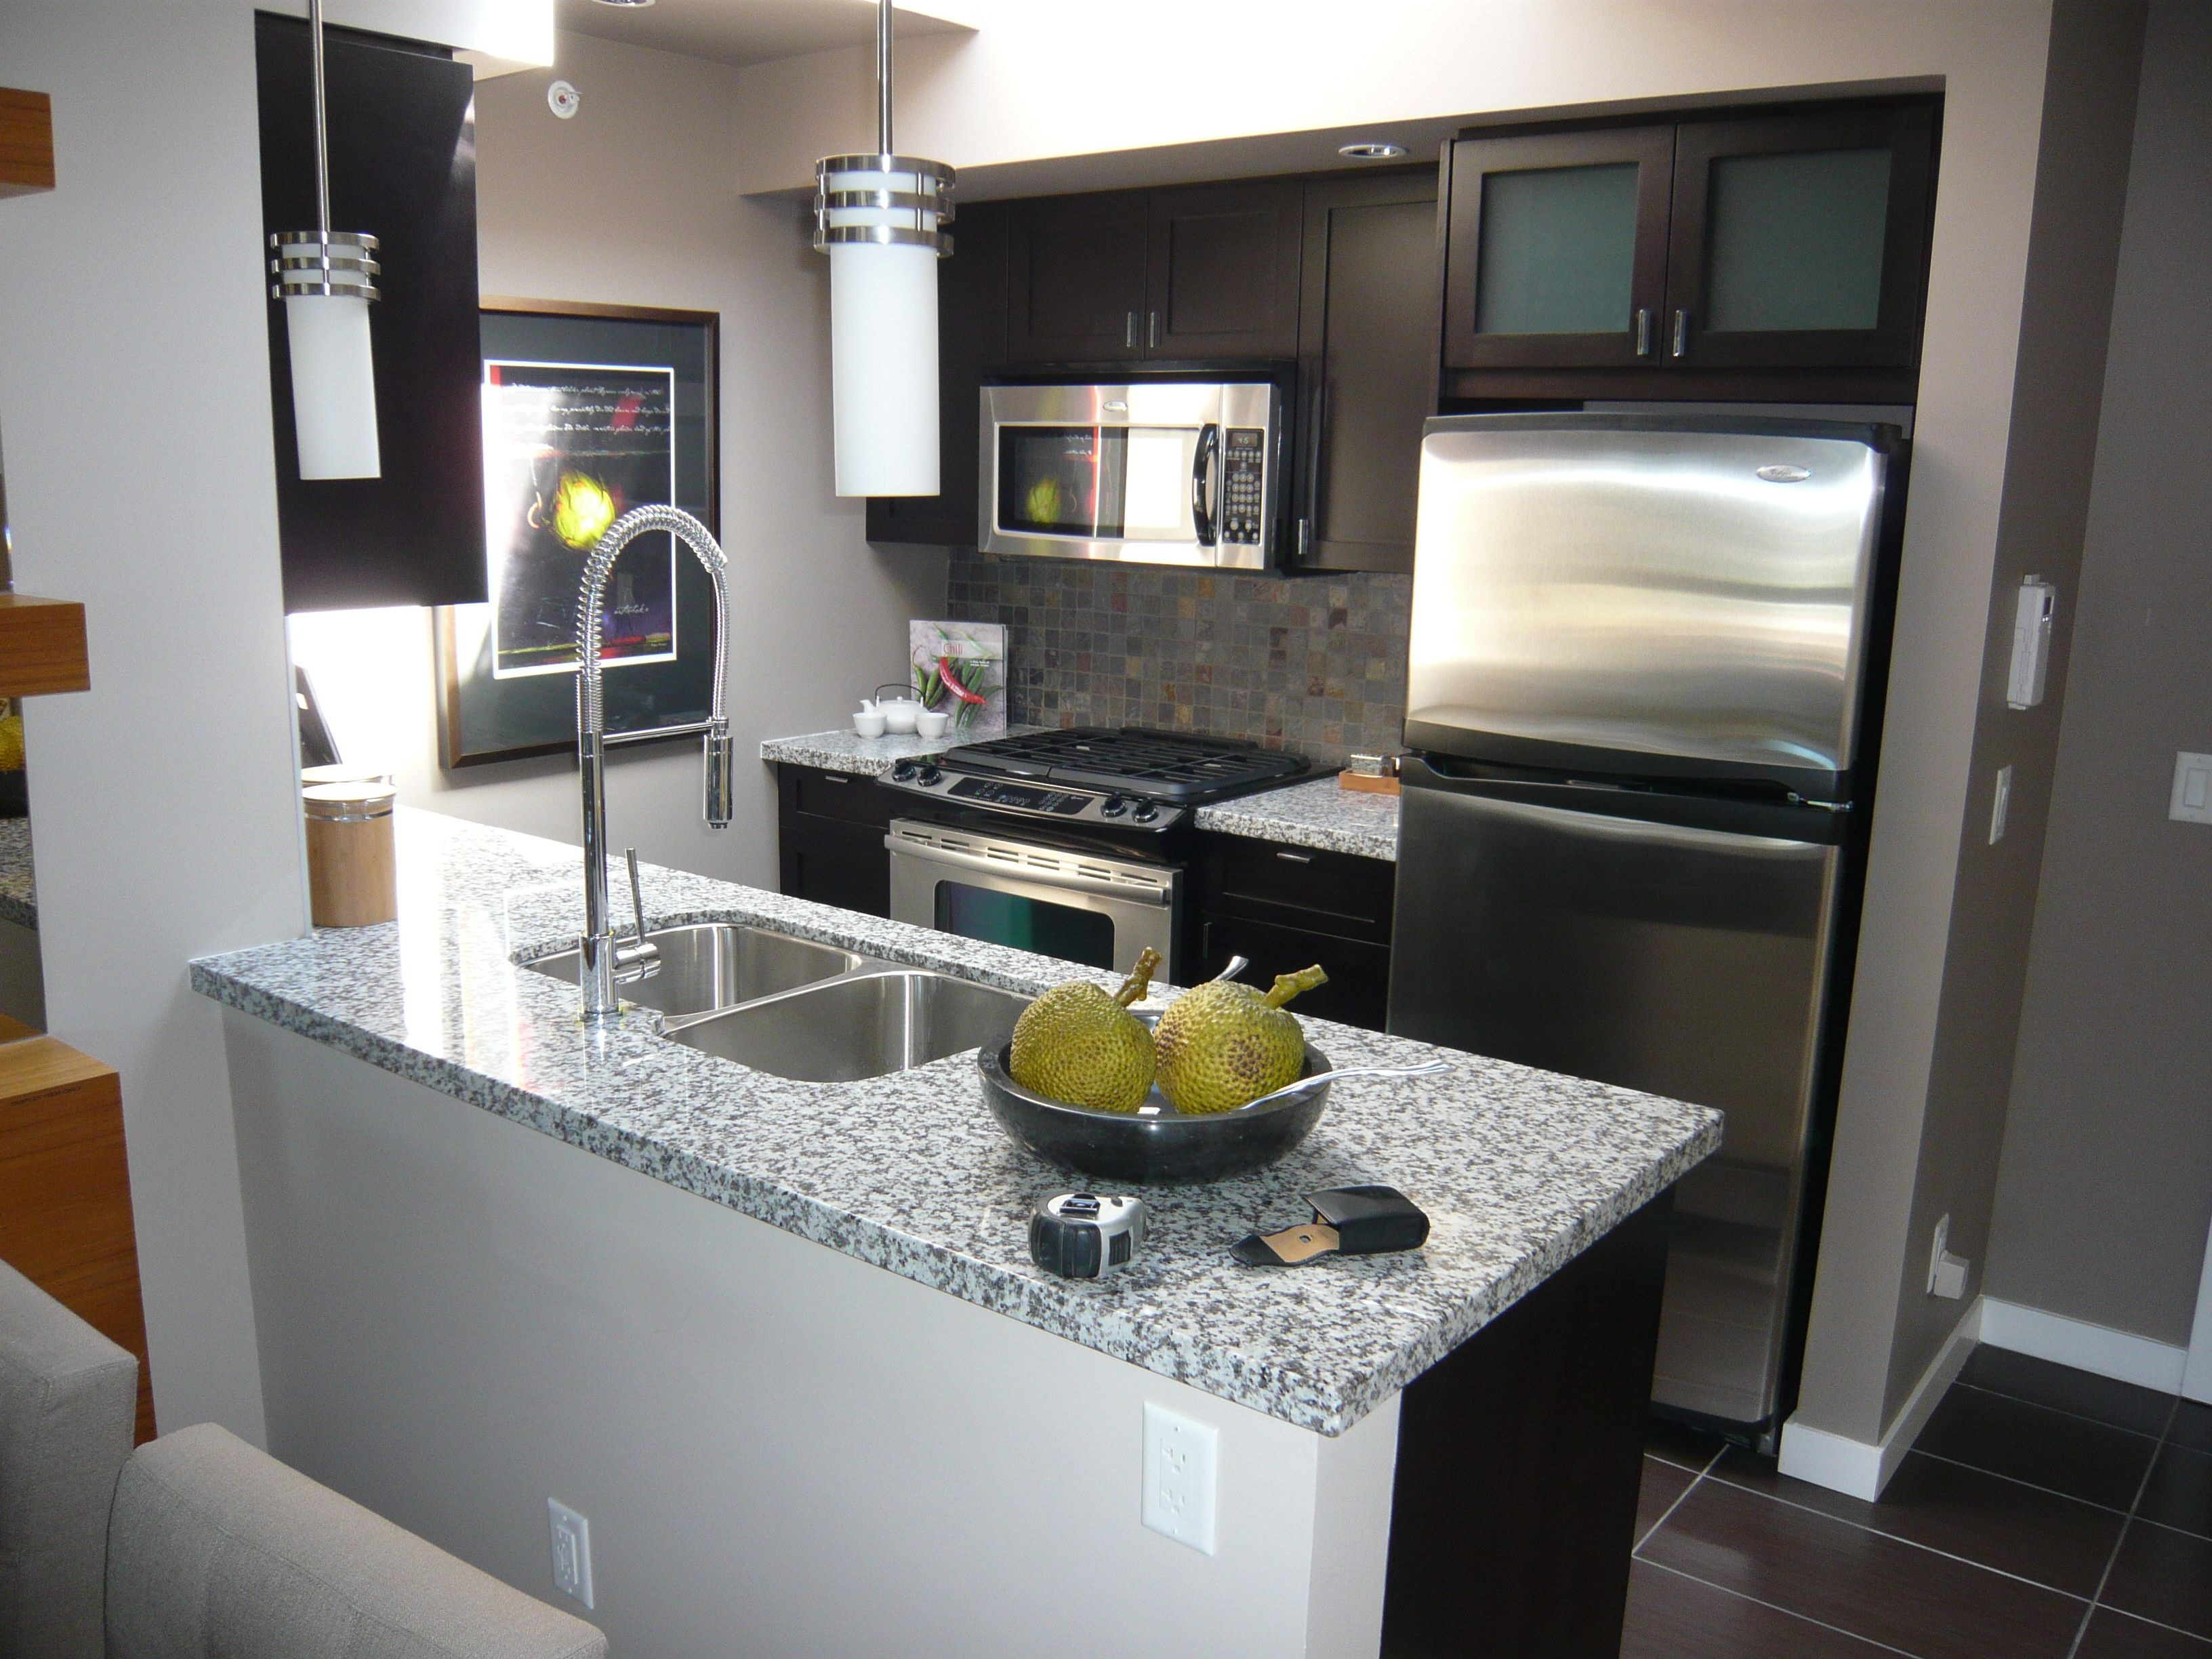 Small Spaces - Beautiful Condo Kitchen Home Improvement